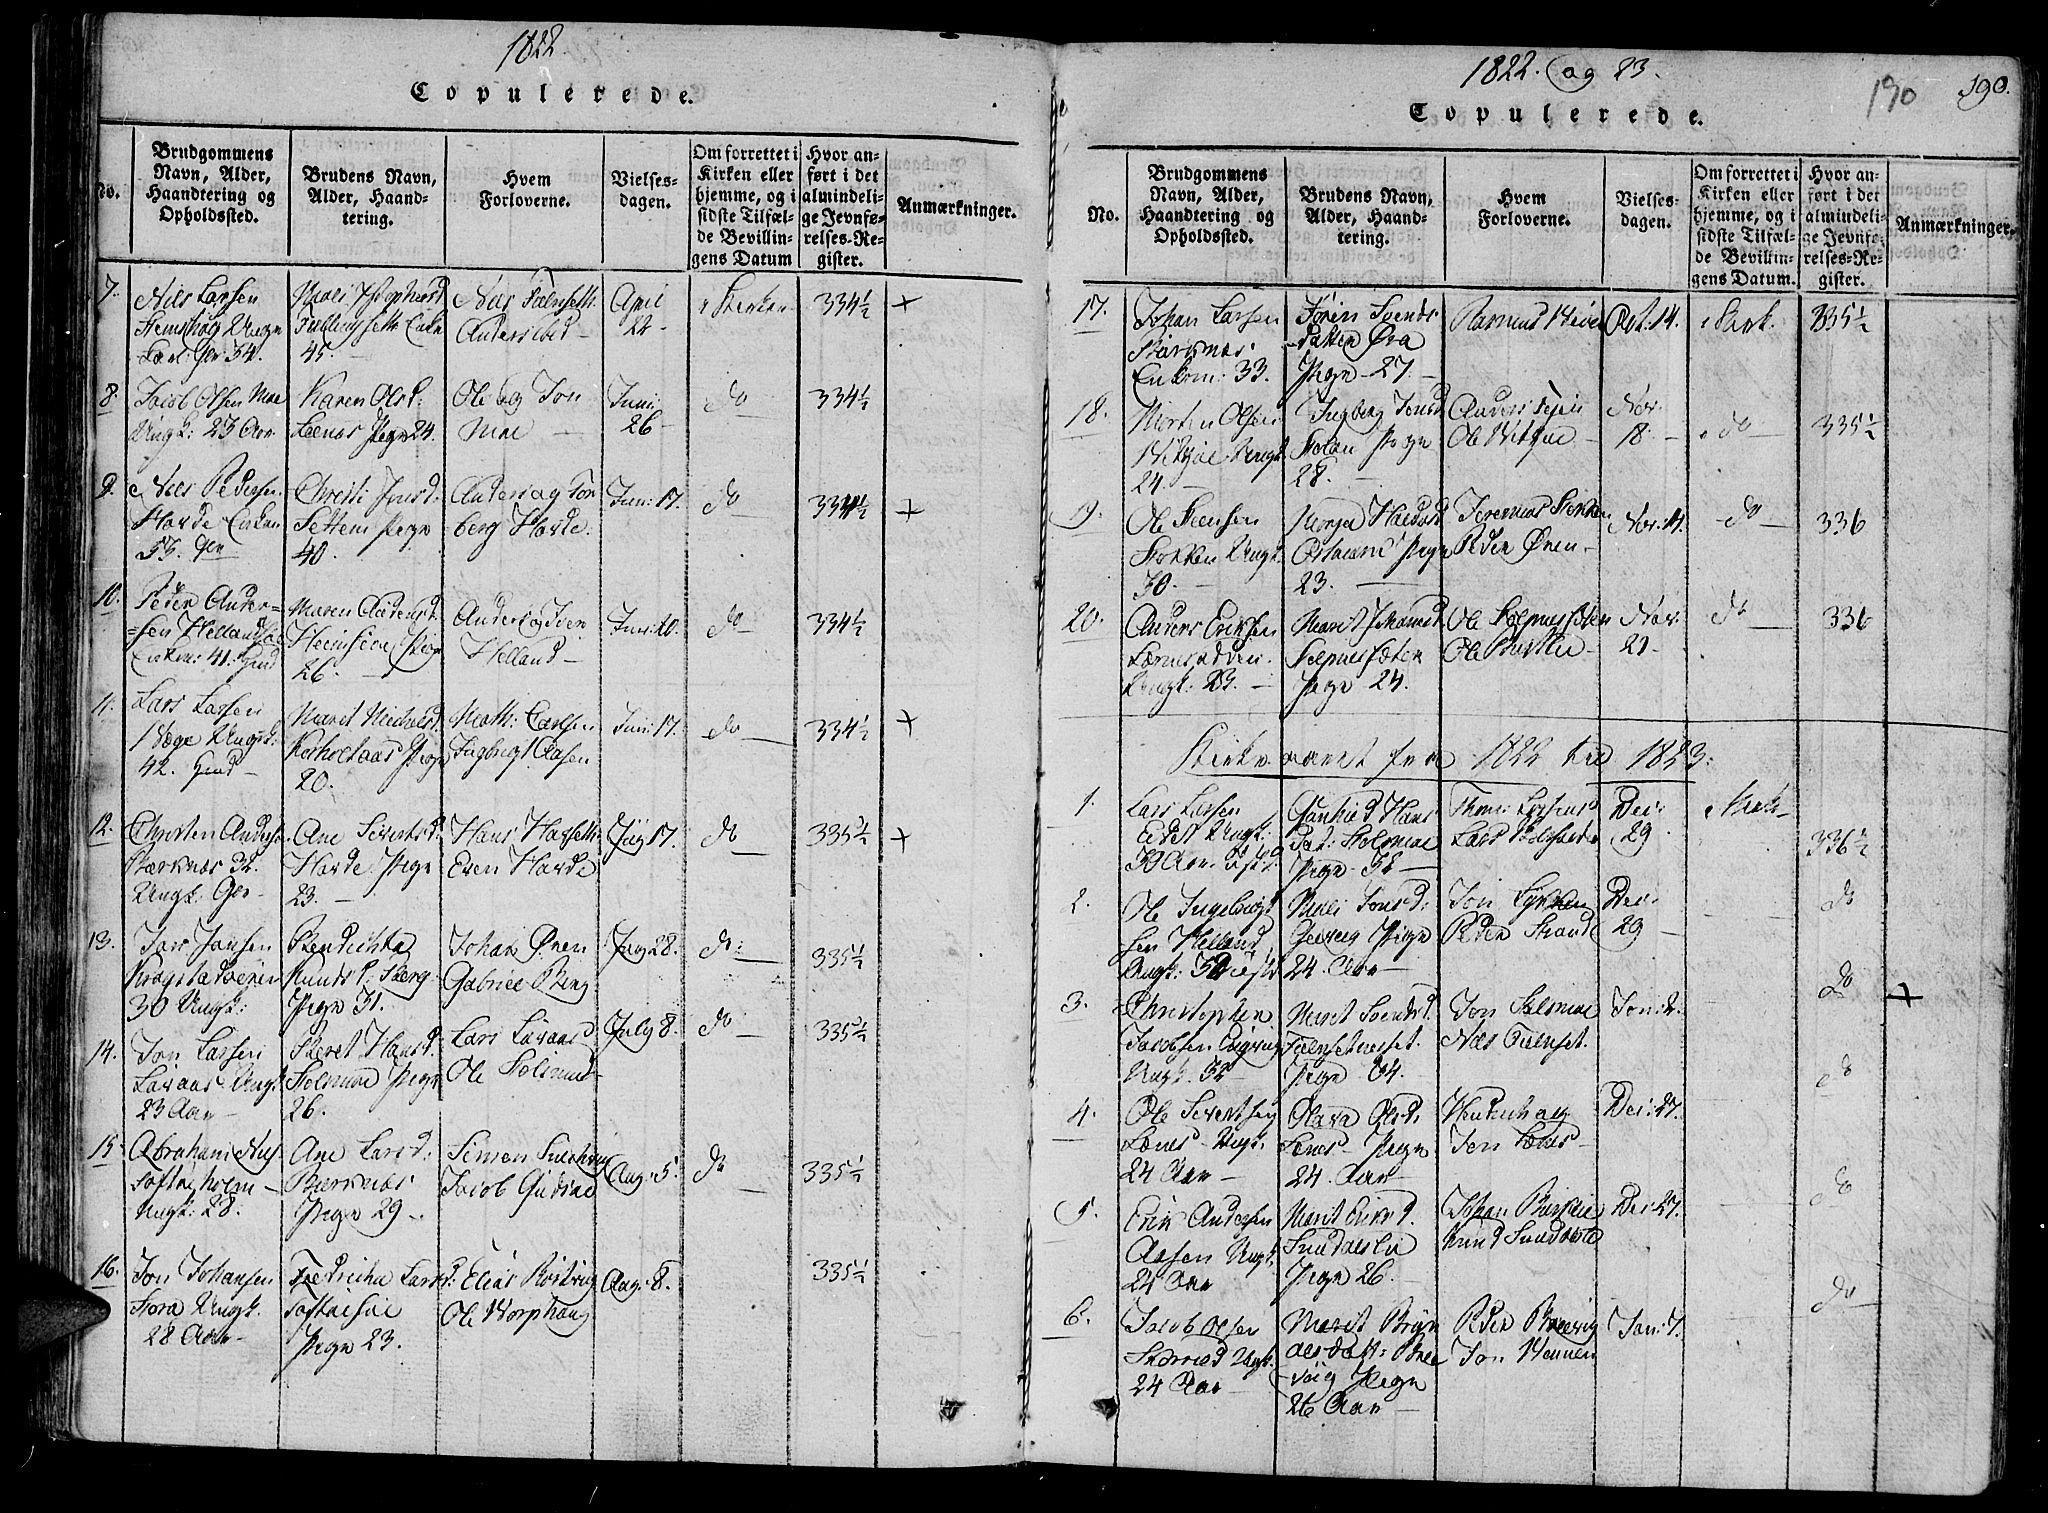 SAT, Ministerialprotokoller, klokkerbøker og fødselsregistre - Sør-Trøndelag, 630/L0491: Ministerialbok nr. 630A04, 1818-1830, s. 190